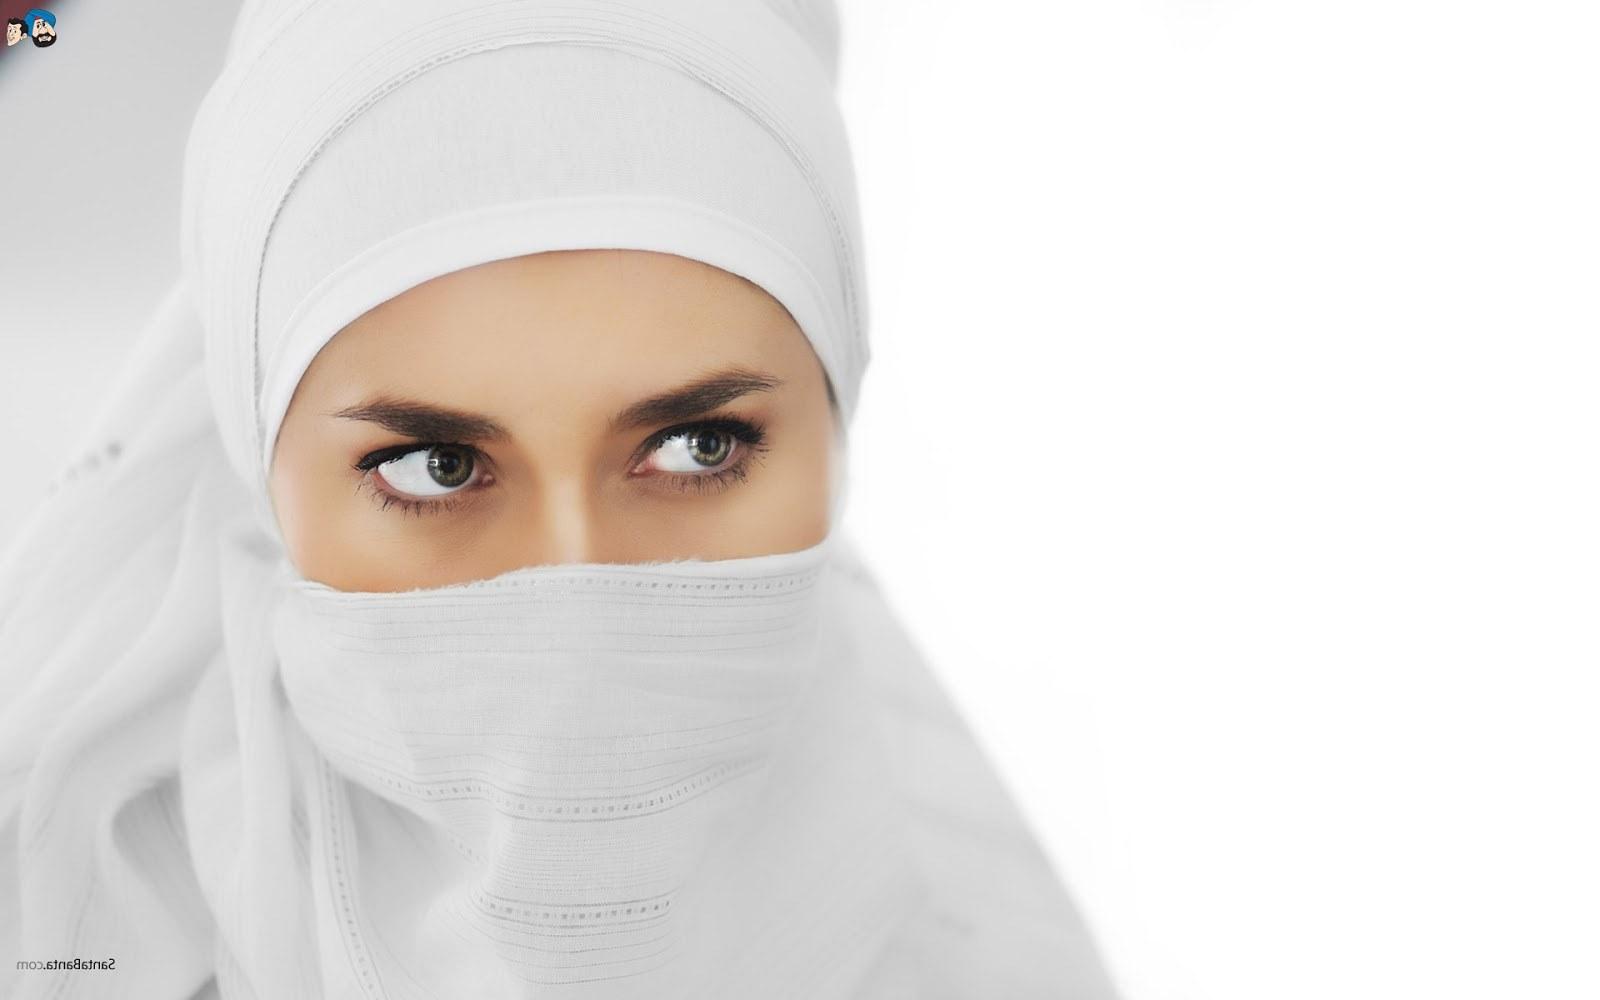 Design Muslimah Bercadar Cantik Drdp Koleksi Wallpaper Wanita Muslimah Bercadar Fauzi Blog